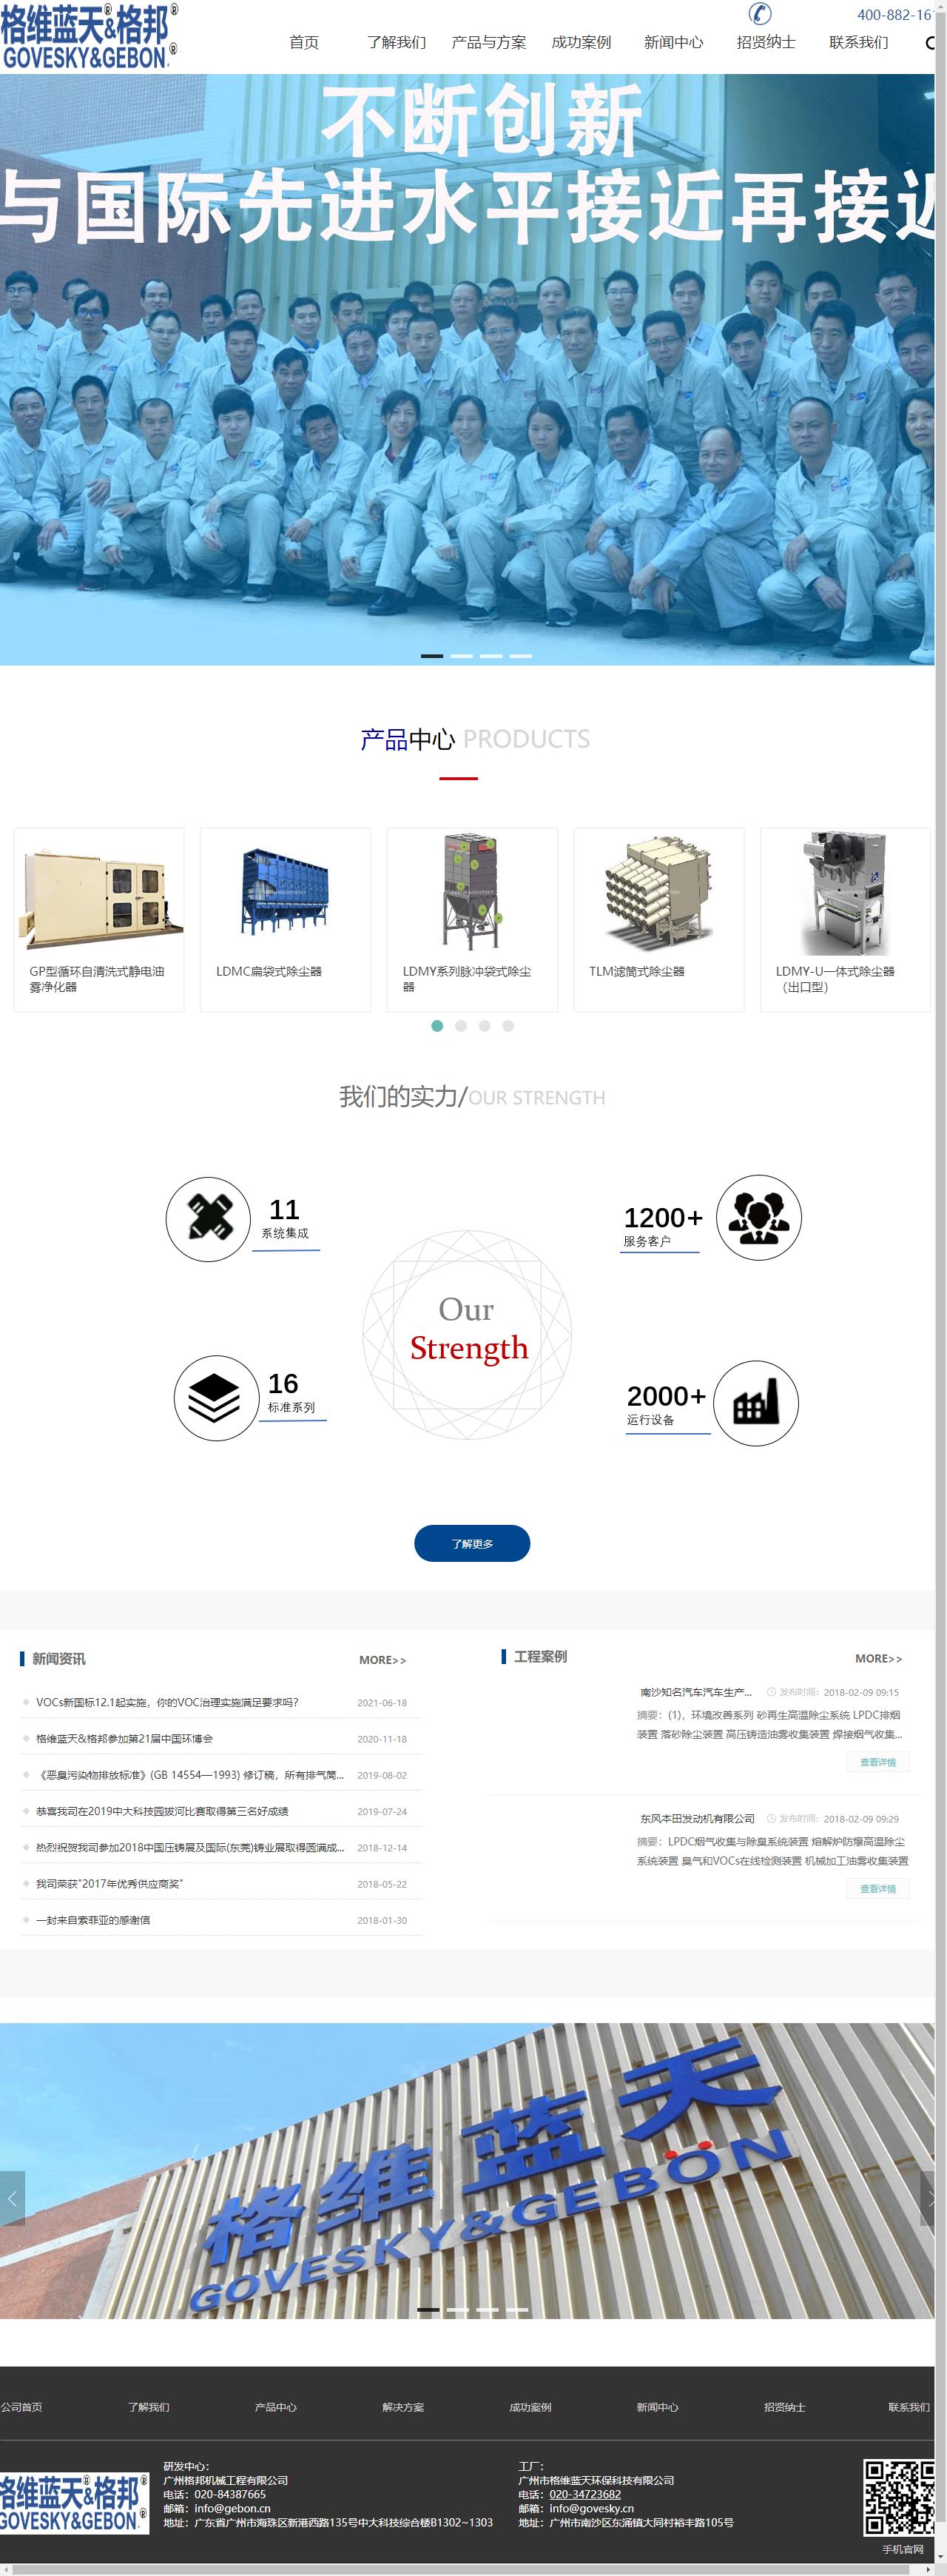 广州格邦机械工程有限公司网站案例